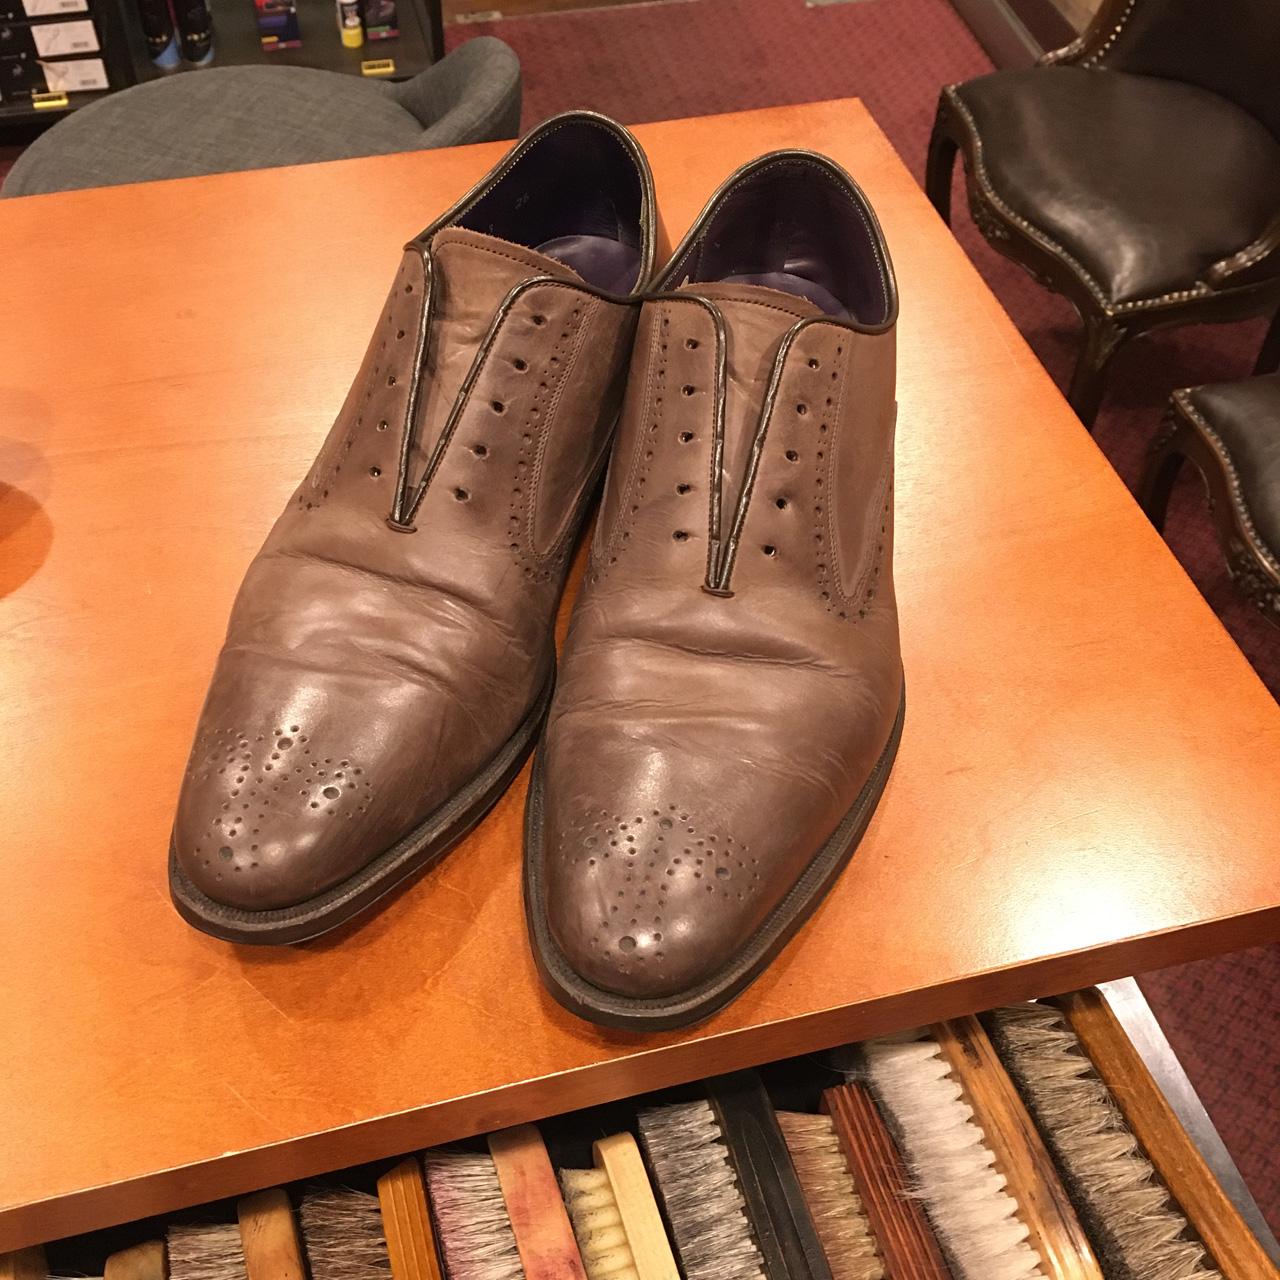 リーガルトーキョーの靴を完全復活させヒール交換も行いました